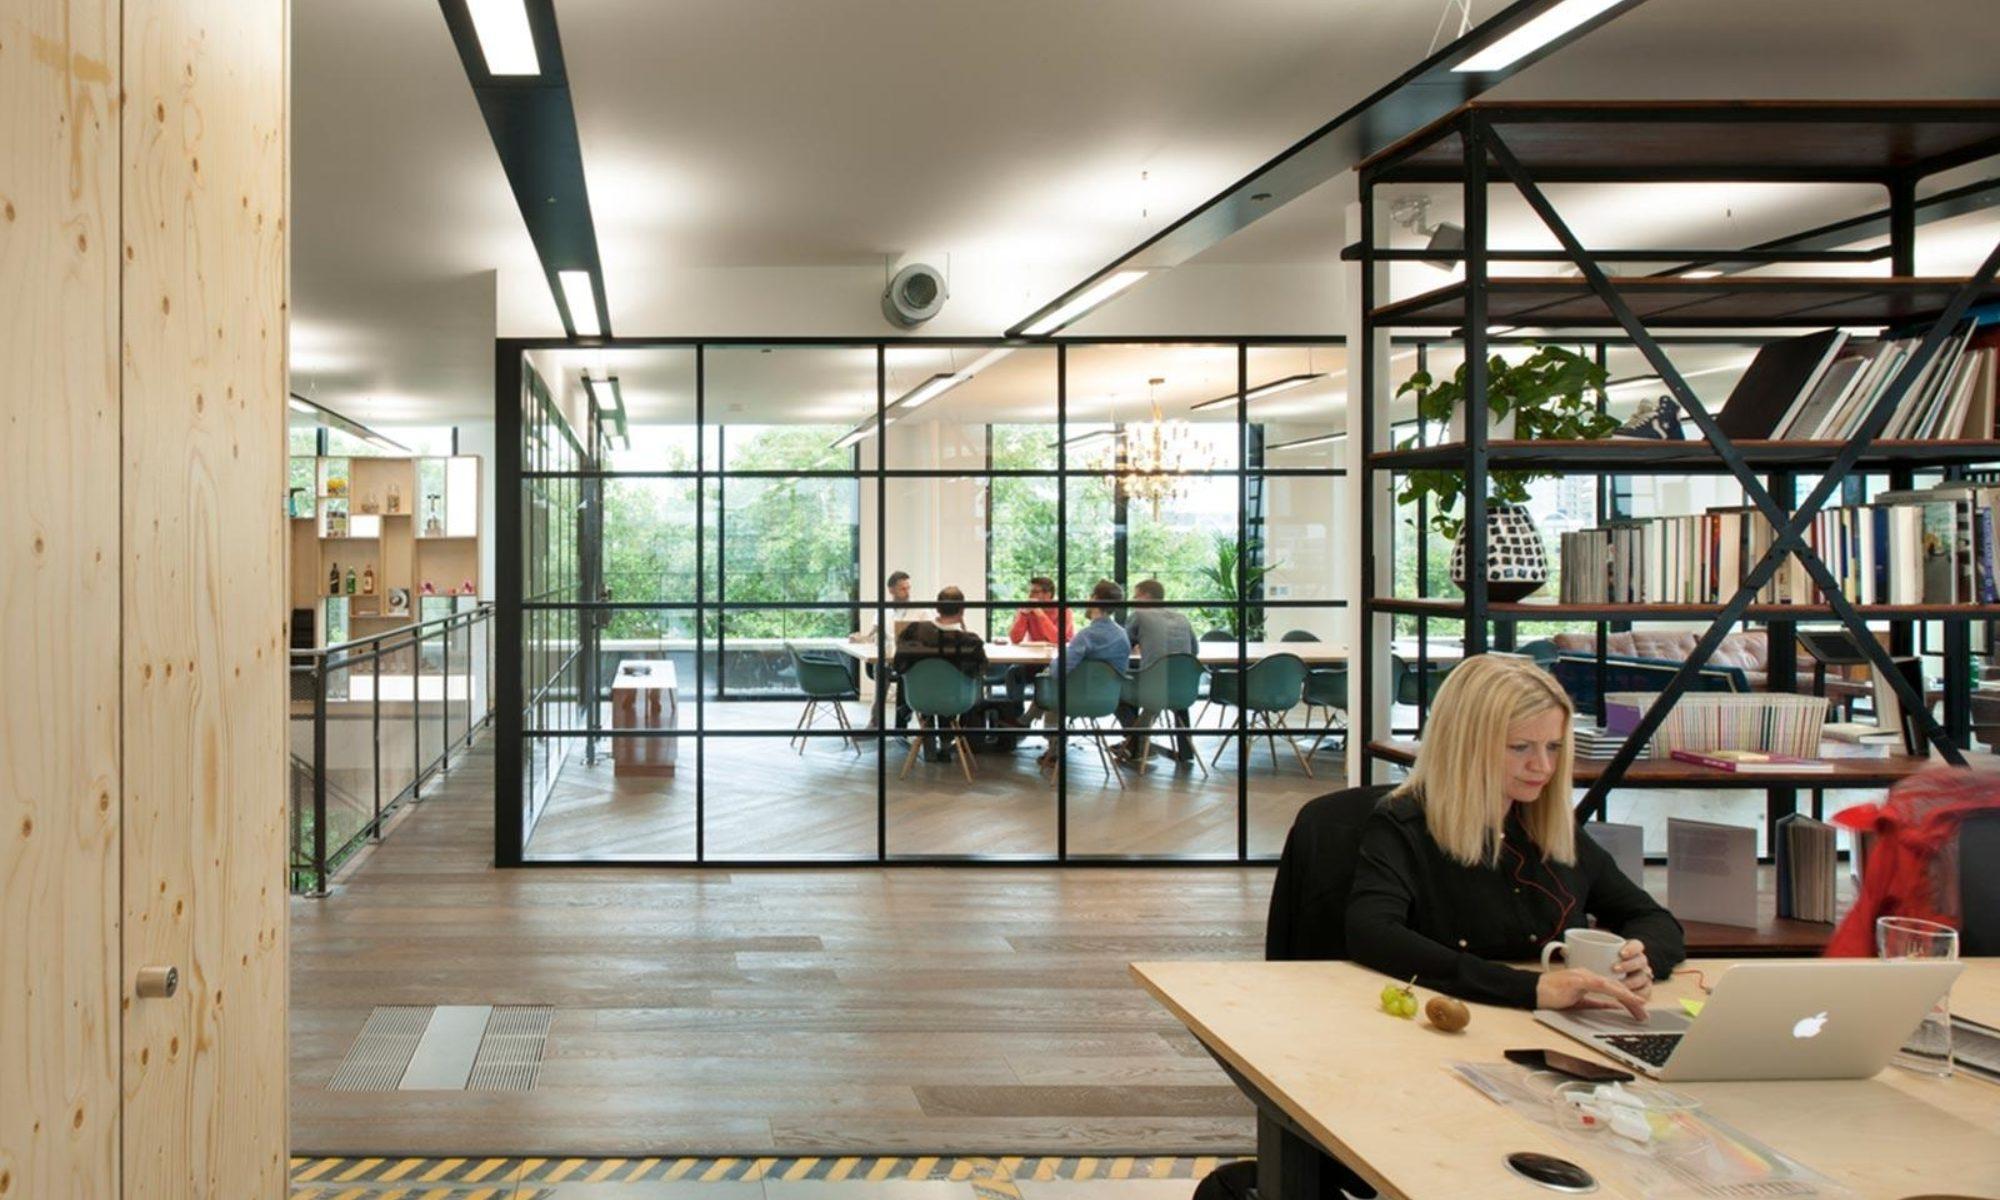 Workspace design for millennials